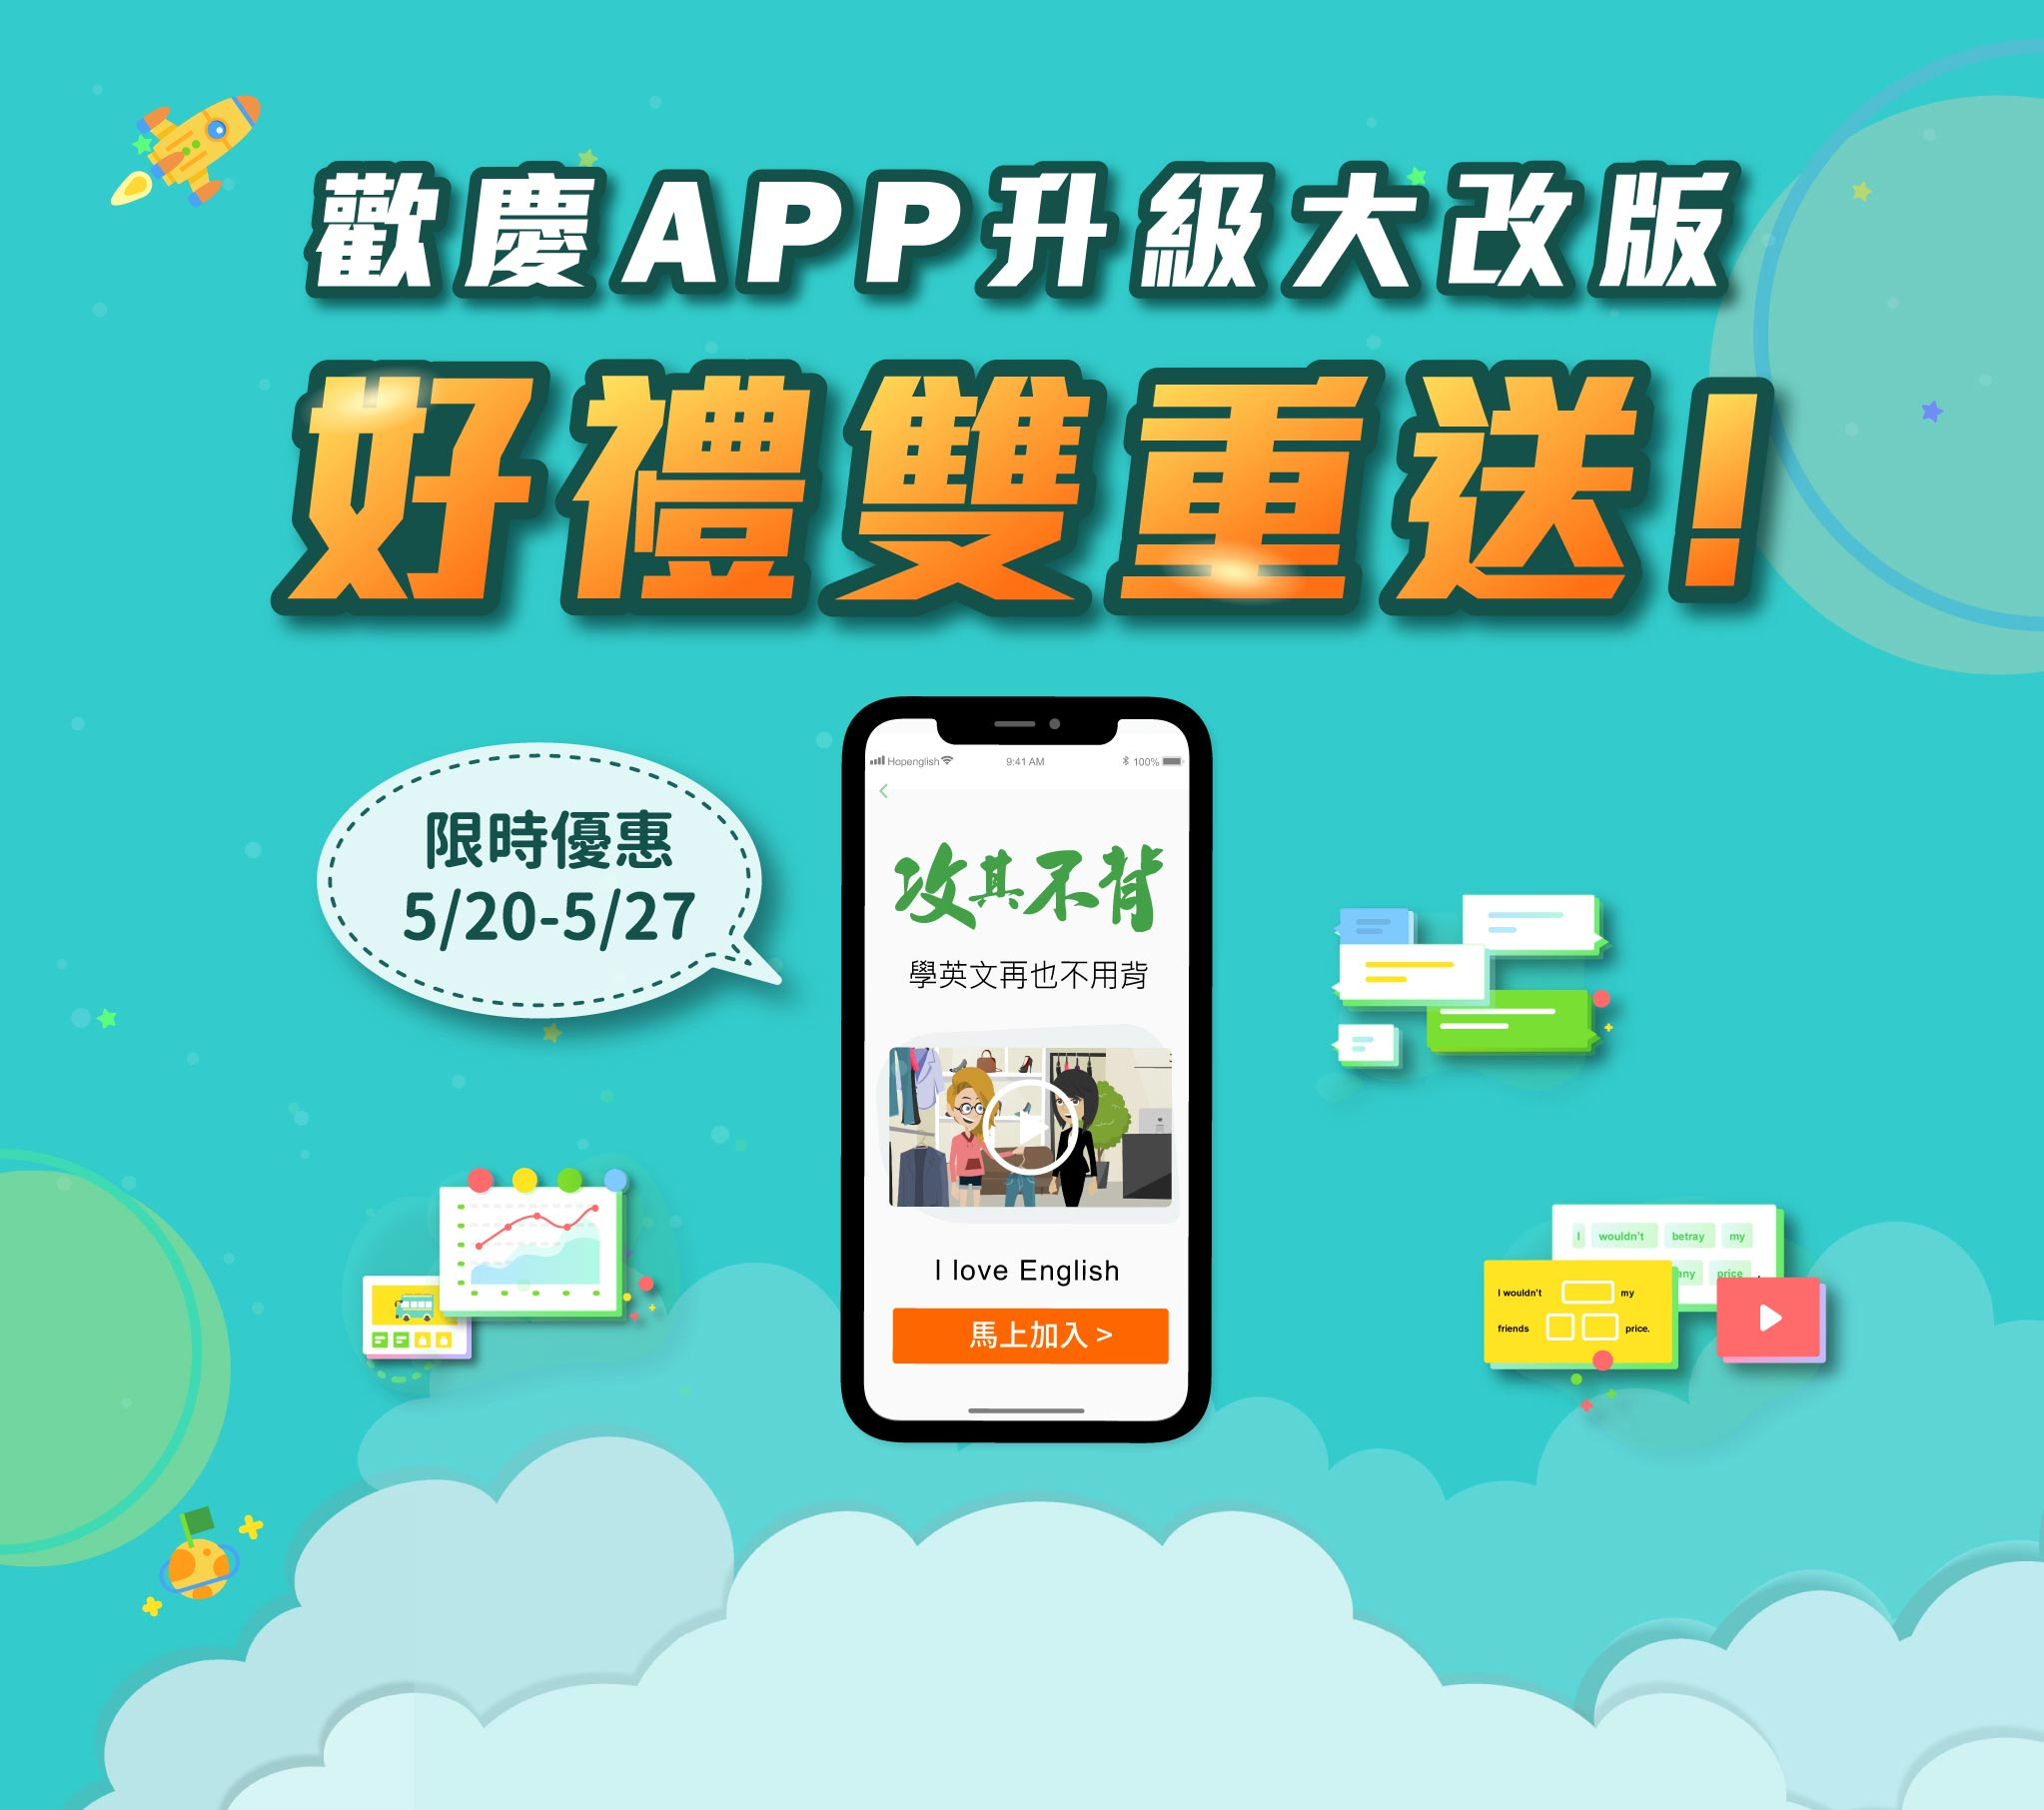 歡慶 App 升級大改版